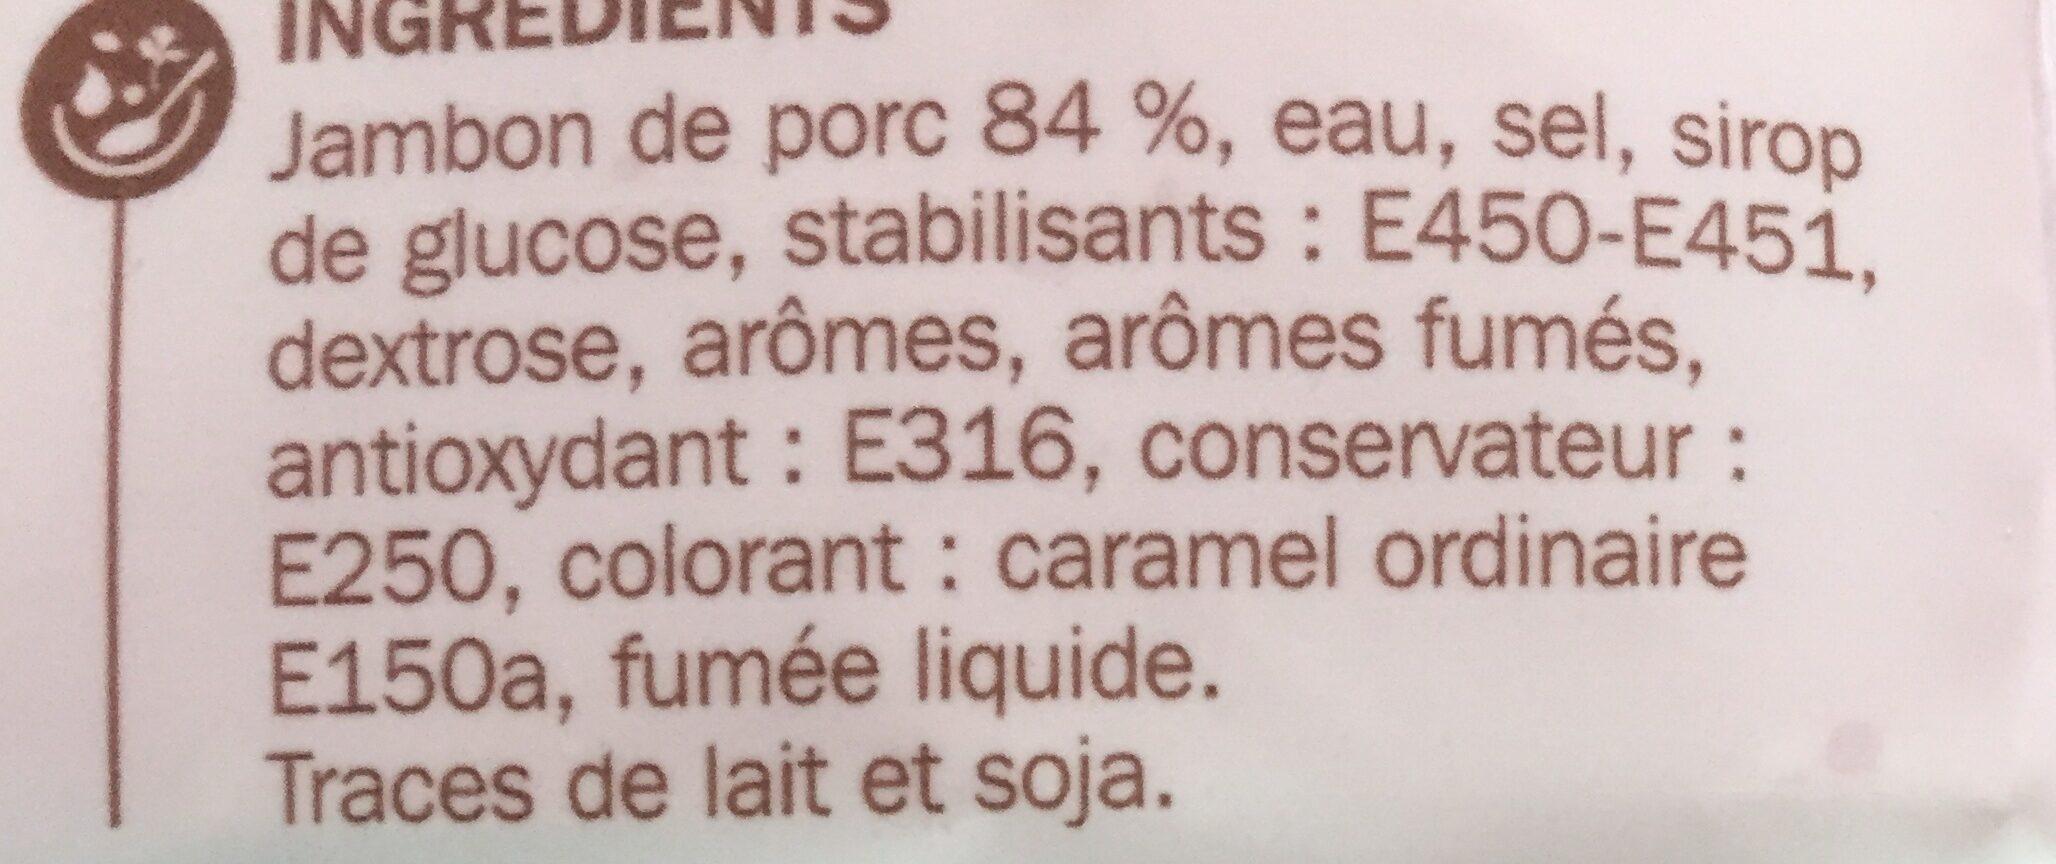 Râpé de jambon fumé 2 x 75 g - Ingrédients